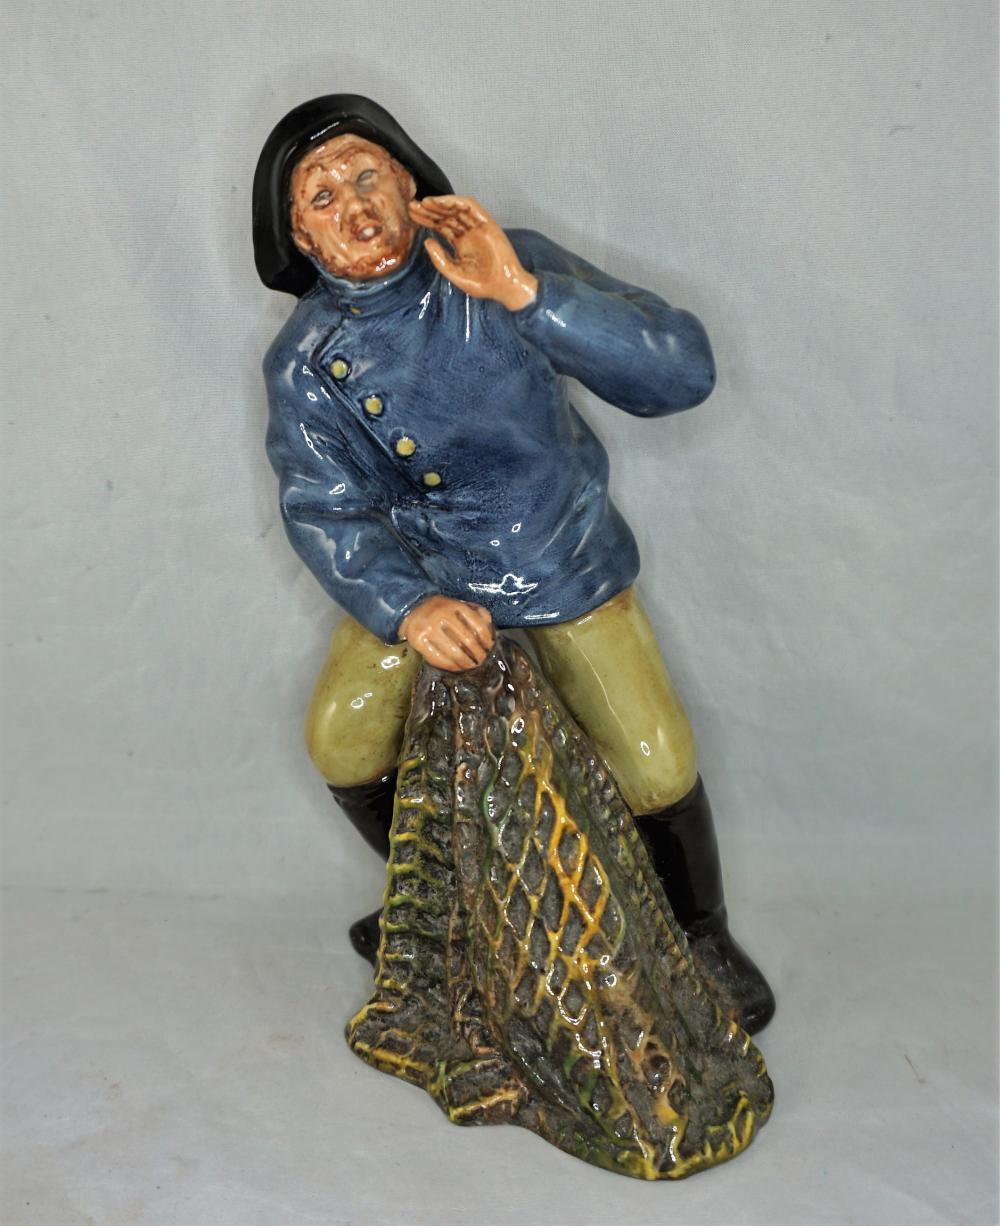 Royal Doulton Sea Harvest figurine